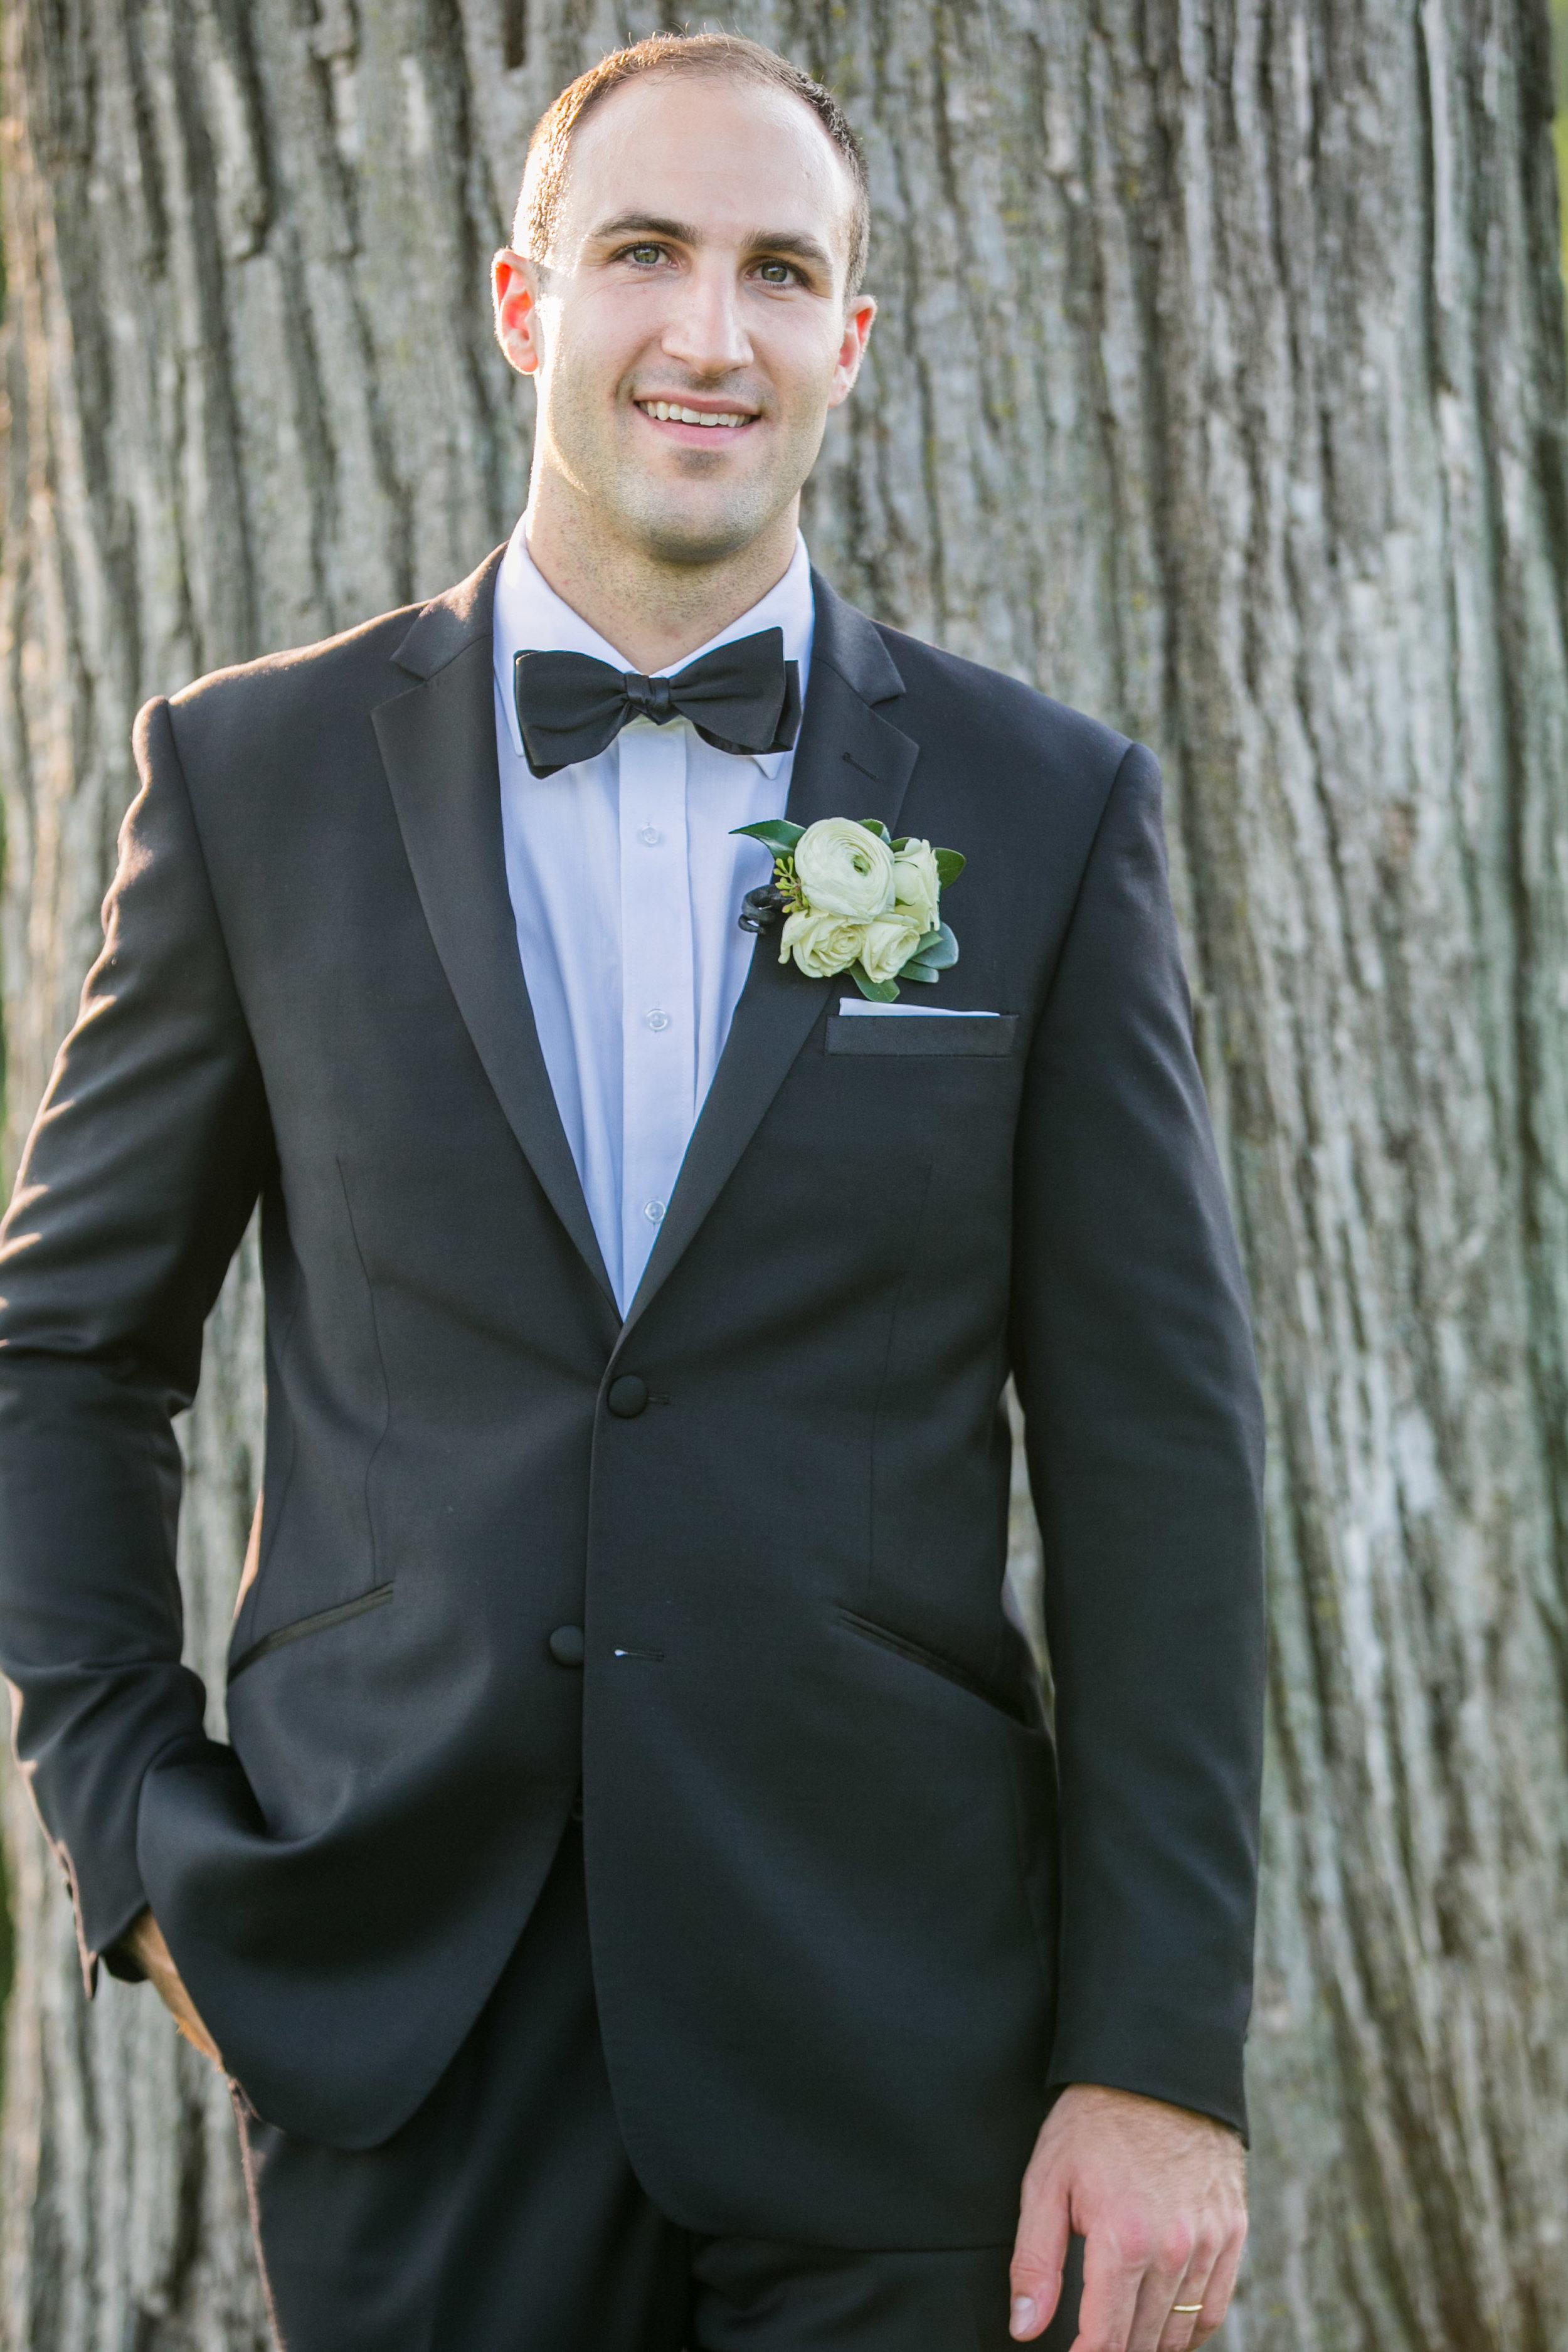 groom portrait shot outdoors